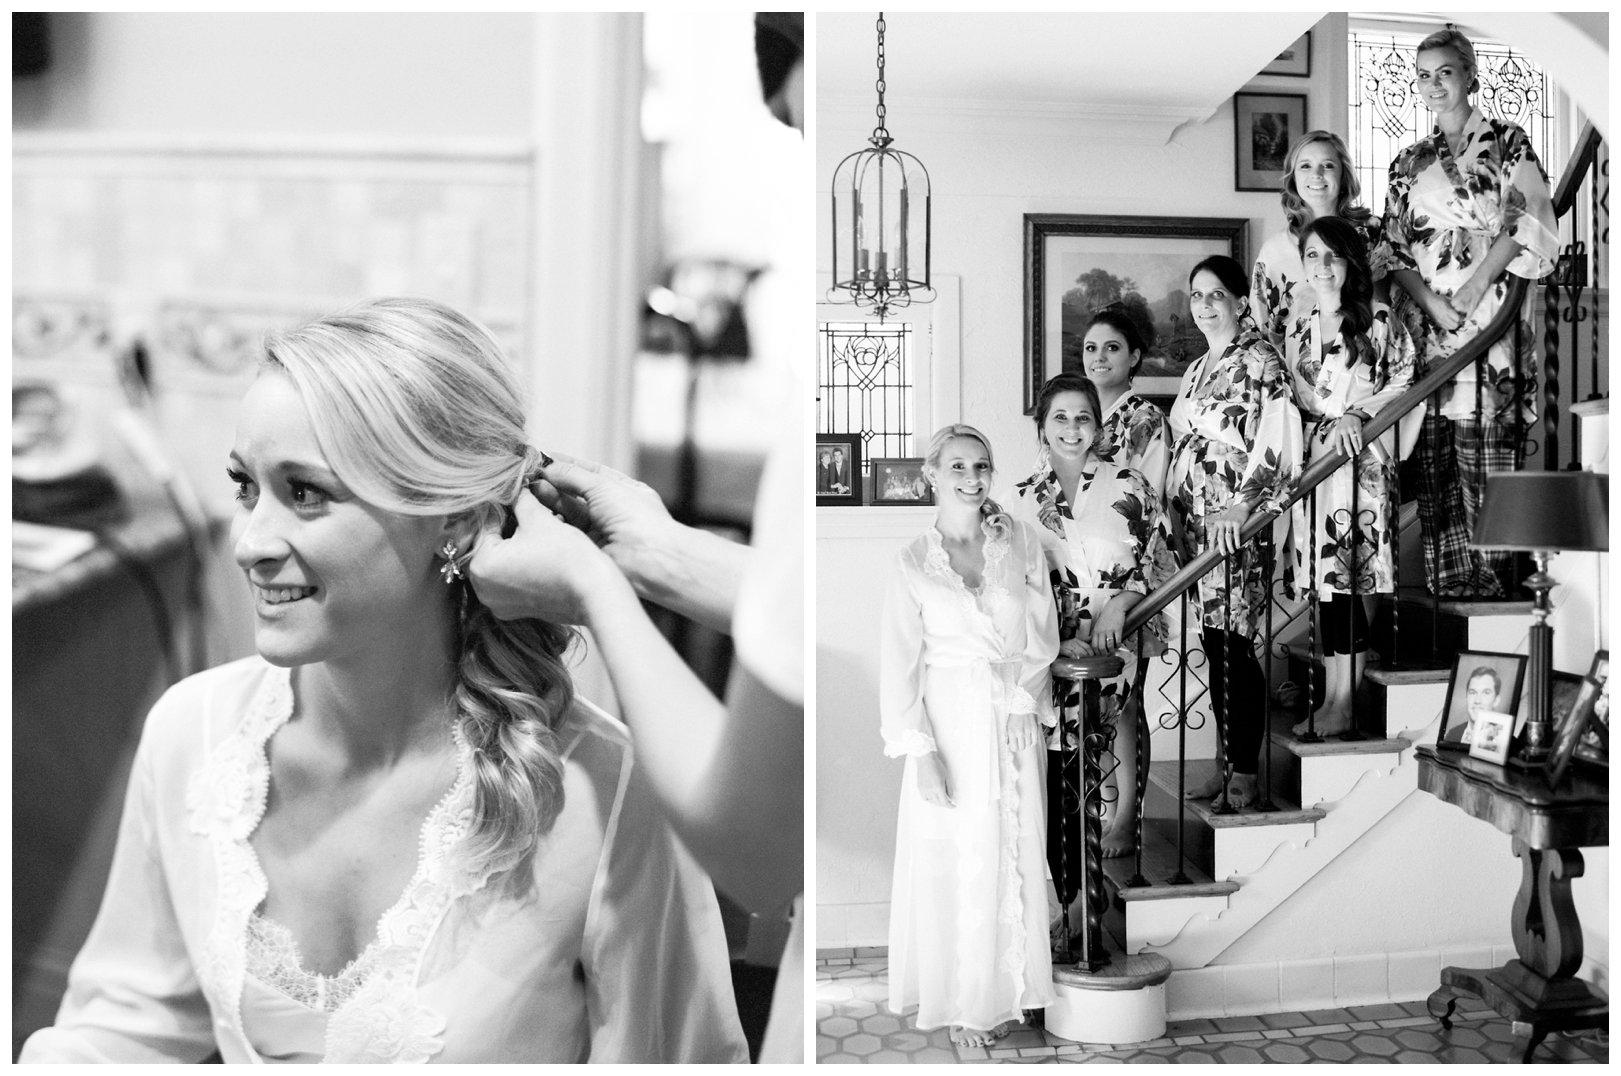 lauren muckler photography_fine art film wedding photography_st louis_photography_2408.jpg